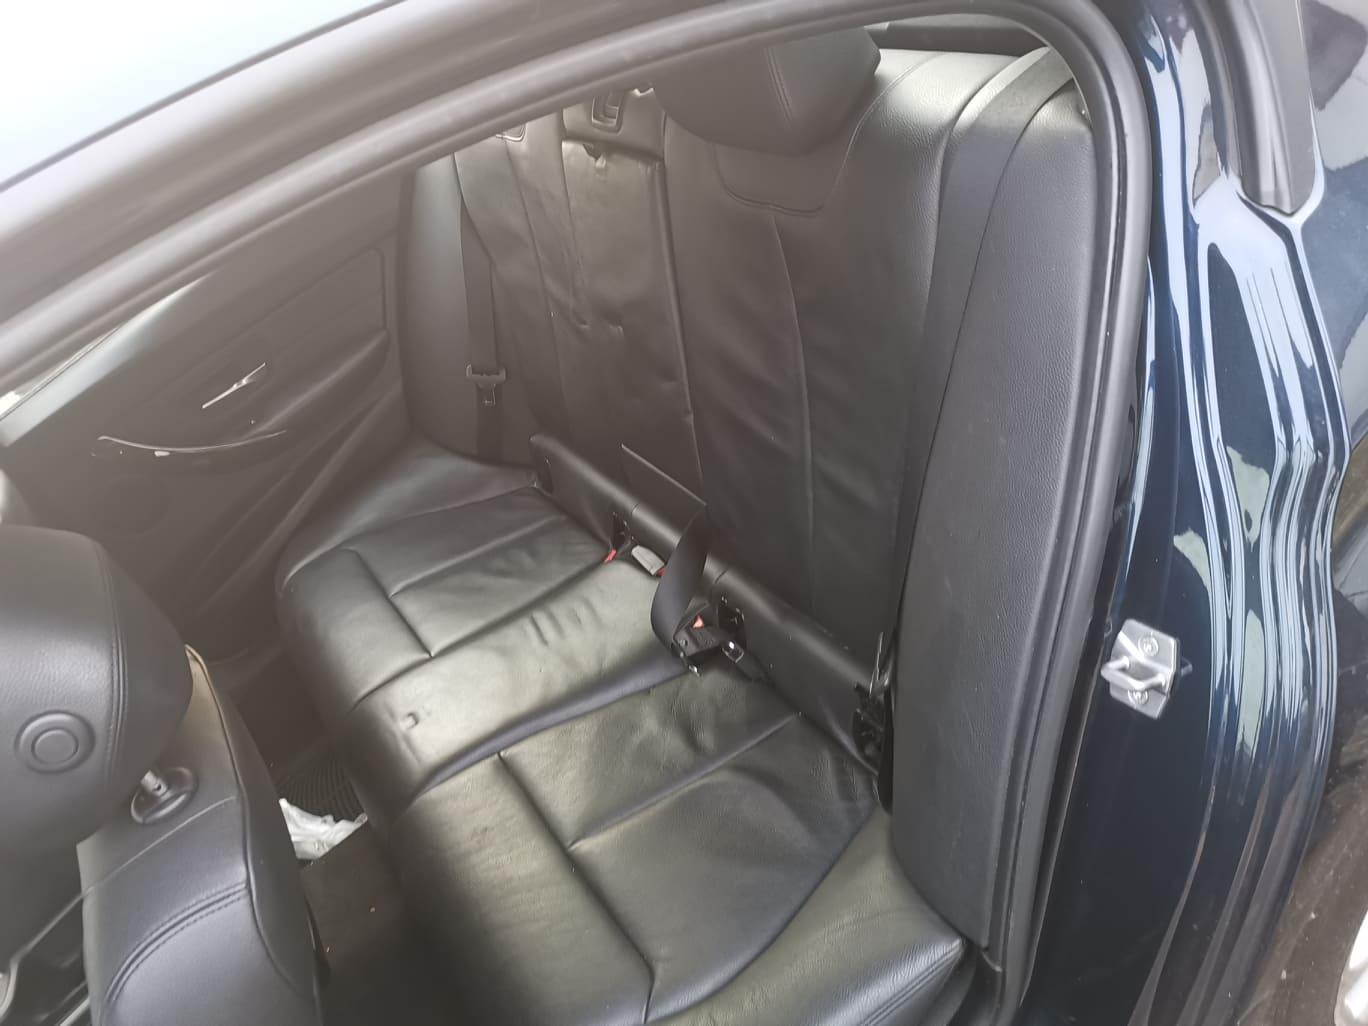 BMW alkatrészek - BMW F30 320D - Ülés, kárpit - Carbon Car Center Kft. Békéscsaba 019